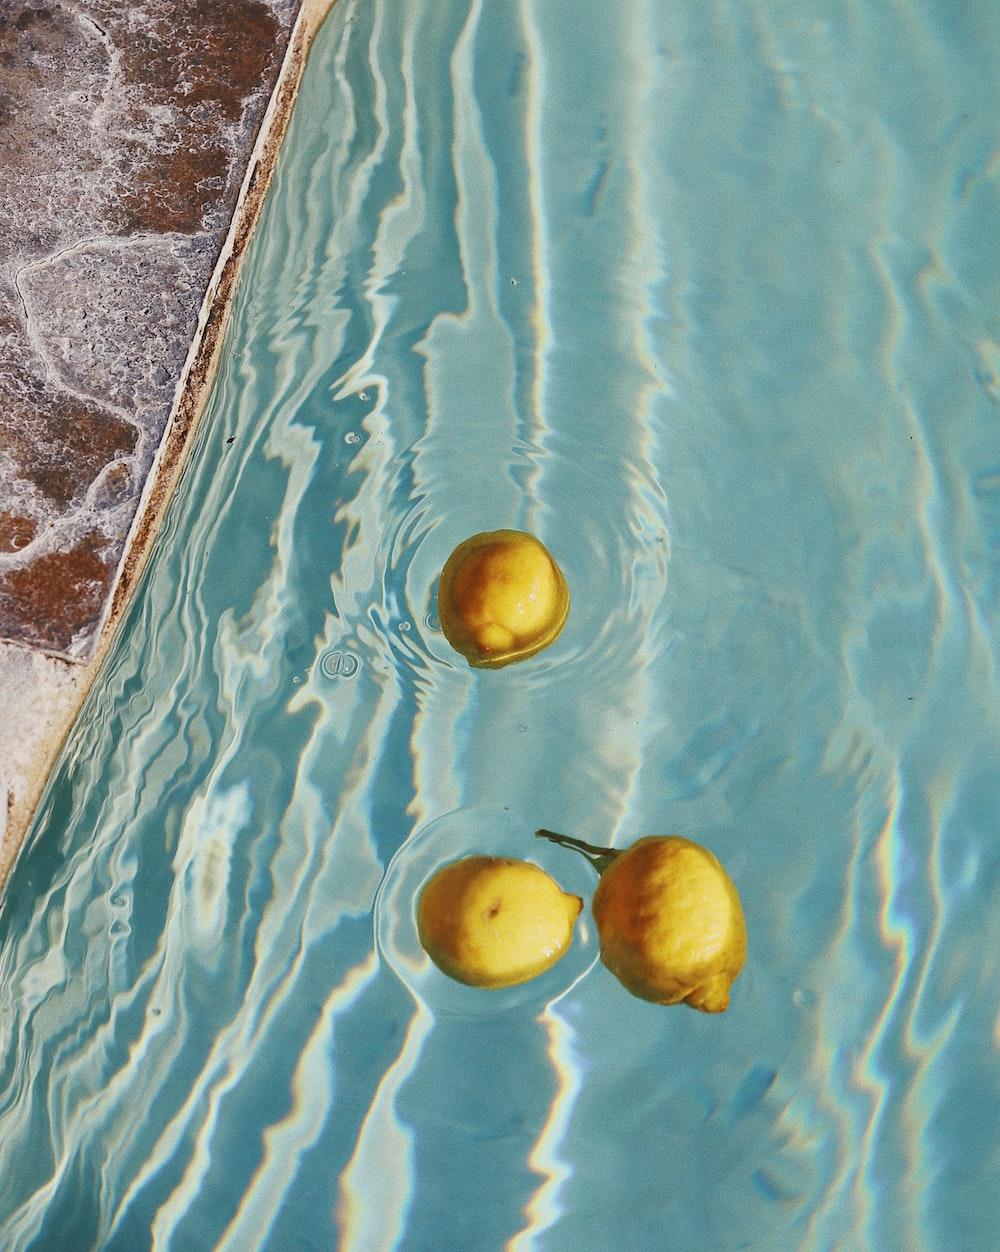 yellow lemon on water during daytime